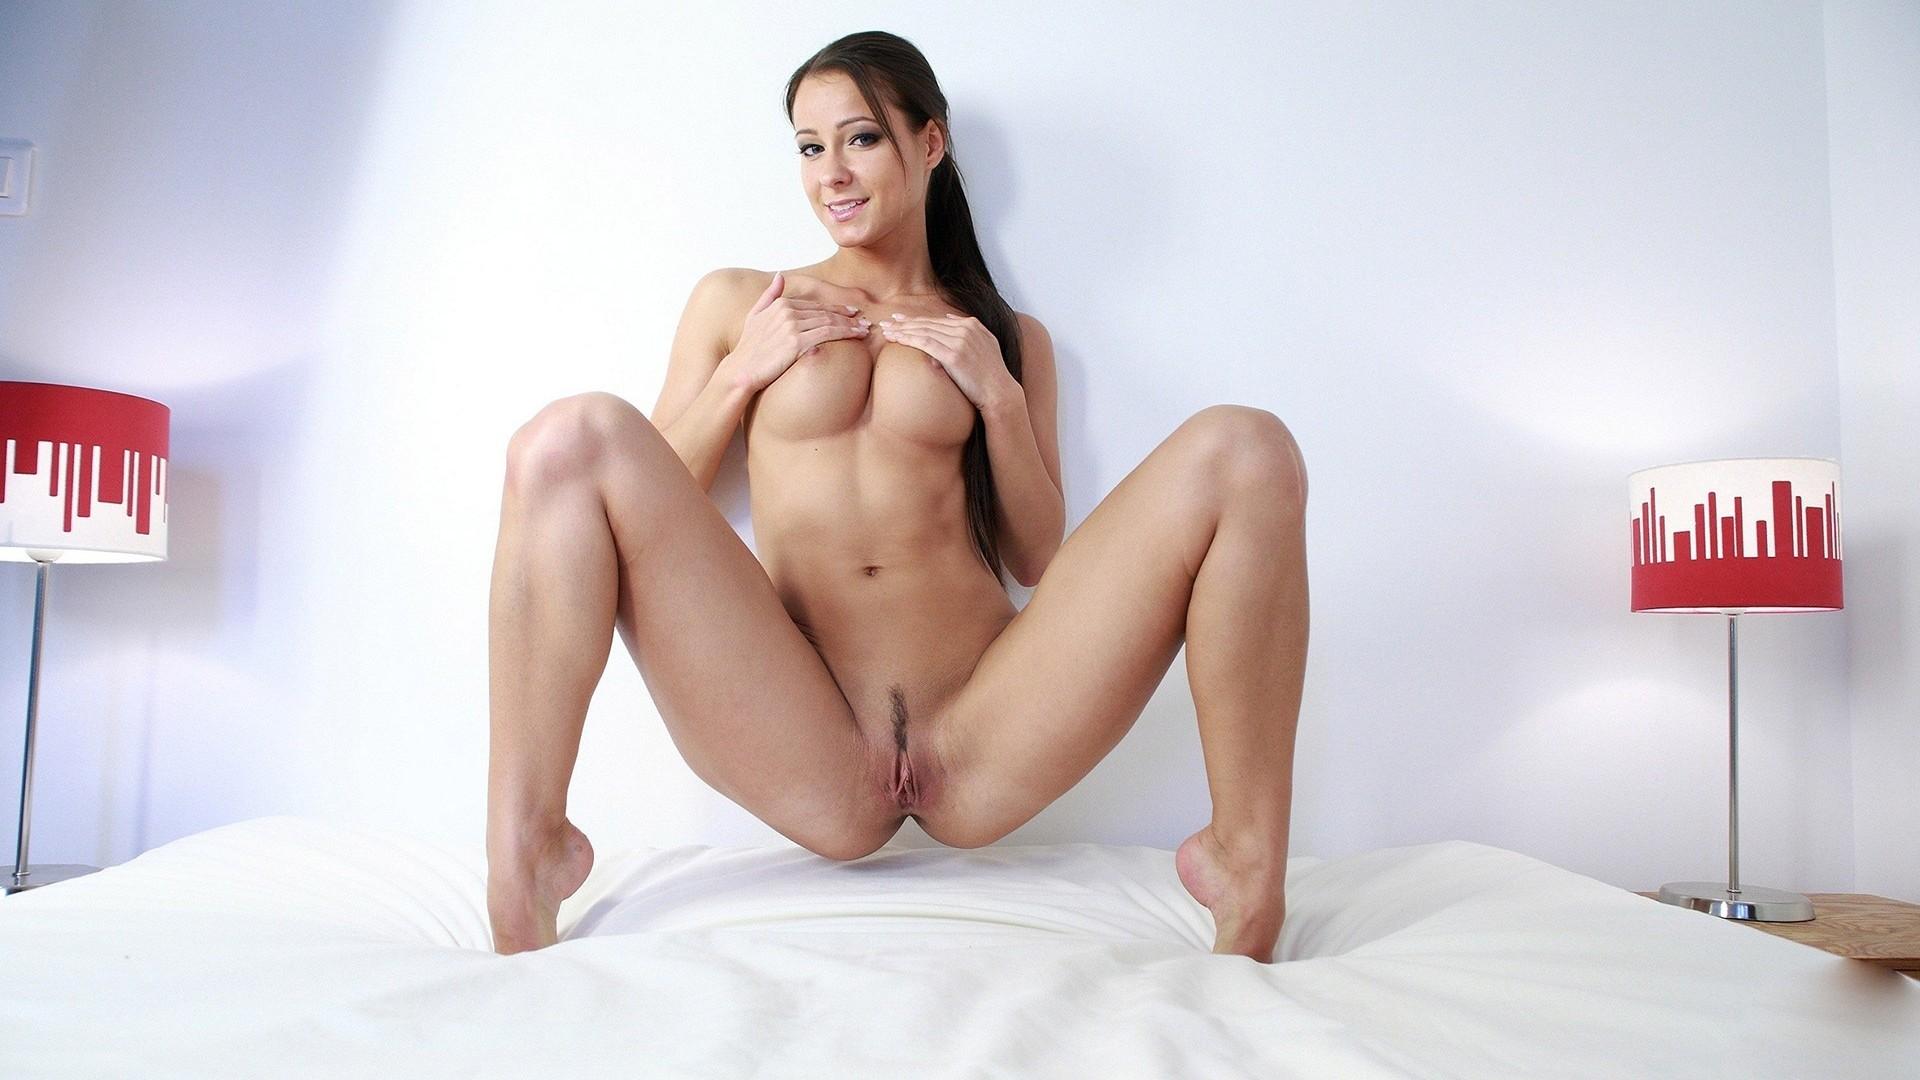 Фото порно мадина садуакасова, Мадина садуакасова фото порно 8 фотография